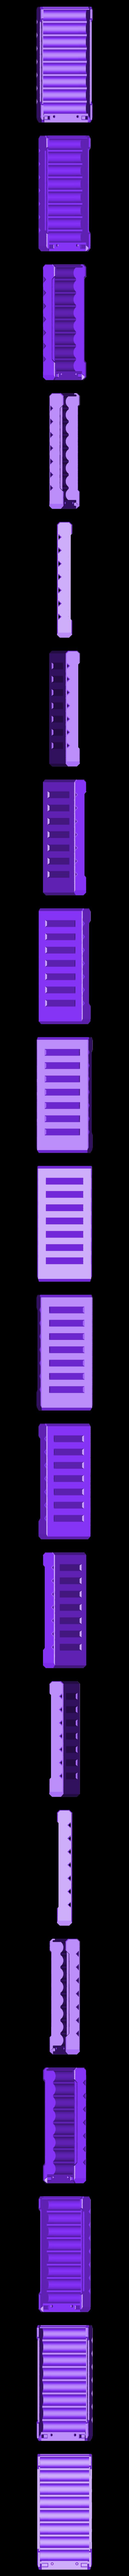 18650_8P_base_V2.stl Télécharger fichier STL gratuit NESE, le module V2 sans soudure 18650 (FERMÉ) • Objet pour imprimante 3D, 18650